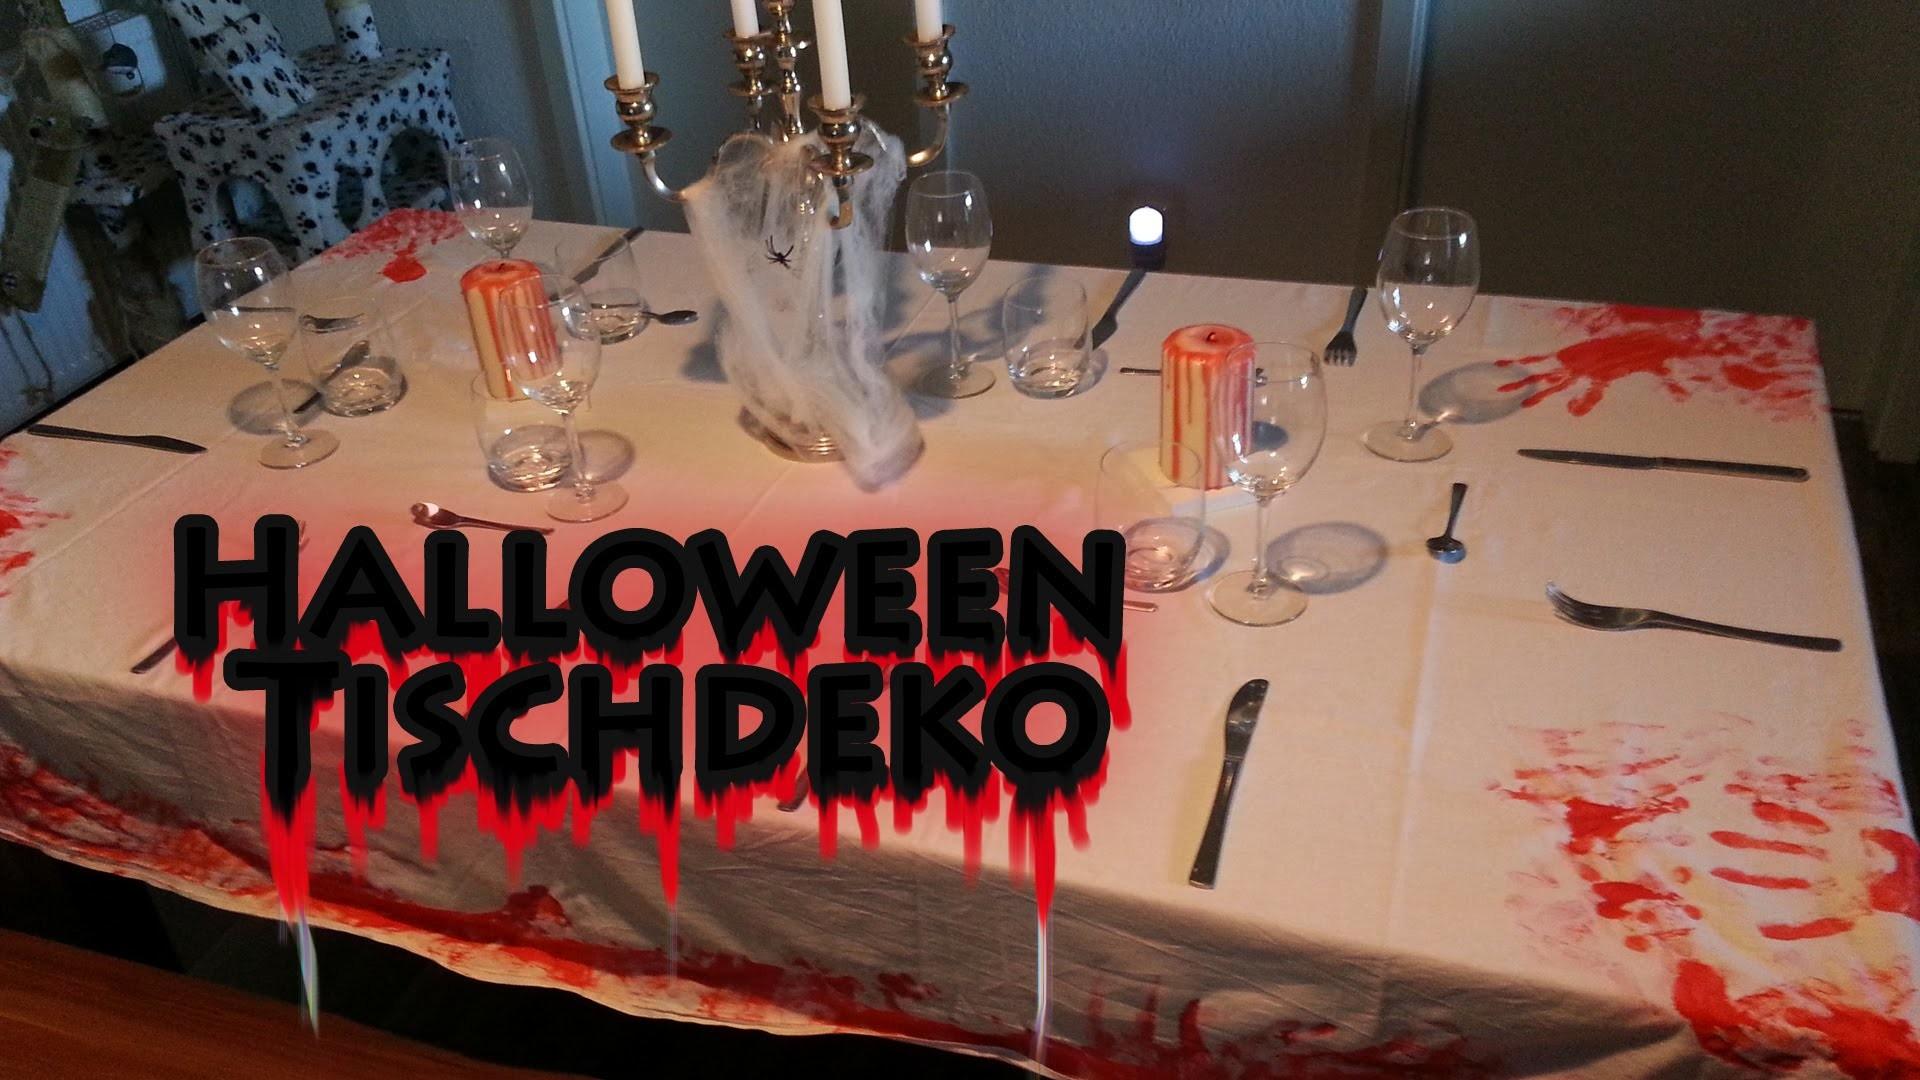 tischdeko party selber machen, halloween tischdekoration diy - party deko selber machen. basteln, Design ideen